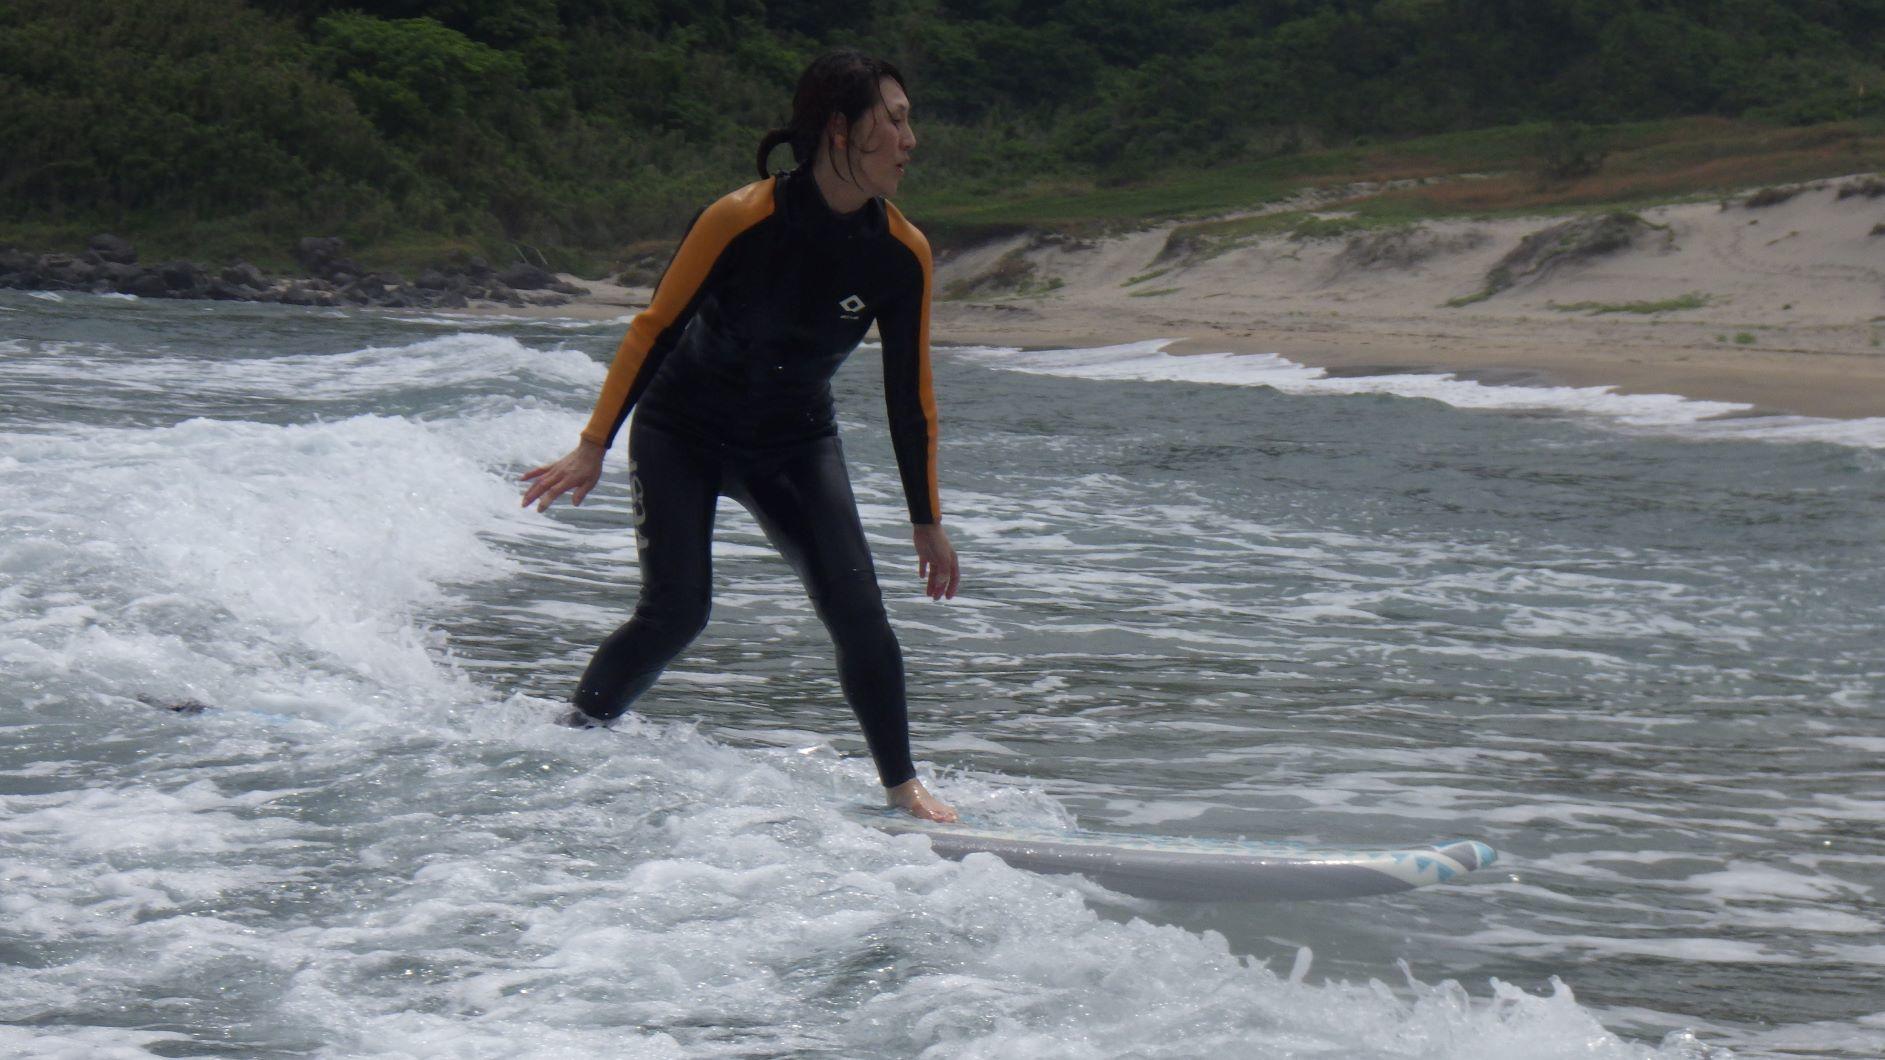 サーフィンを体験すると、健康寿命を延ばせる?_f0009169_07362196.jpg